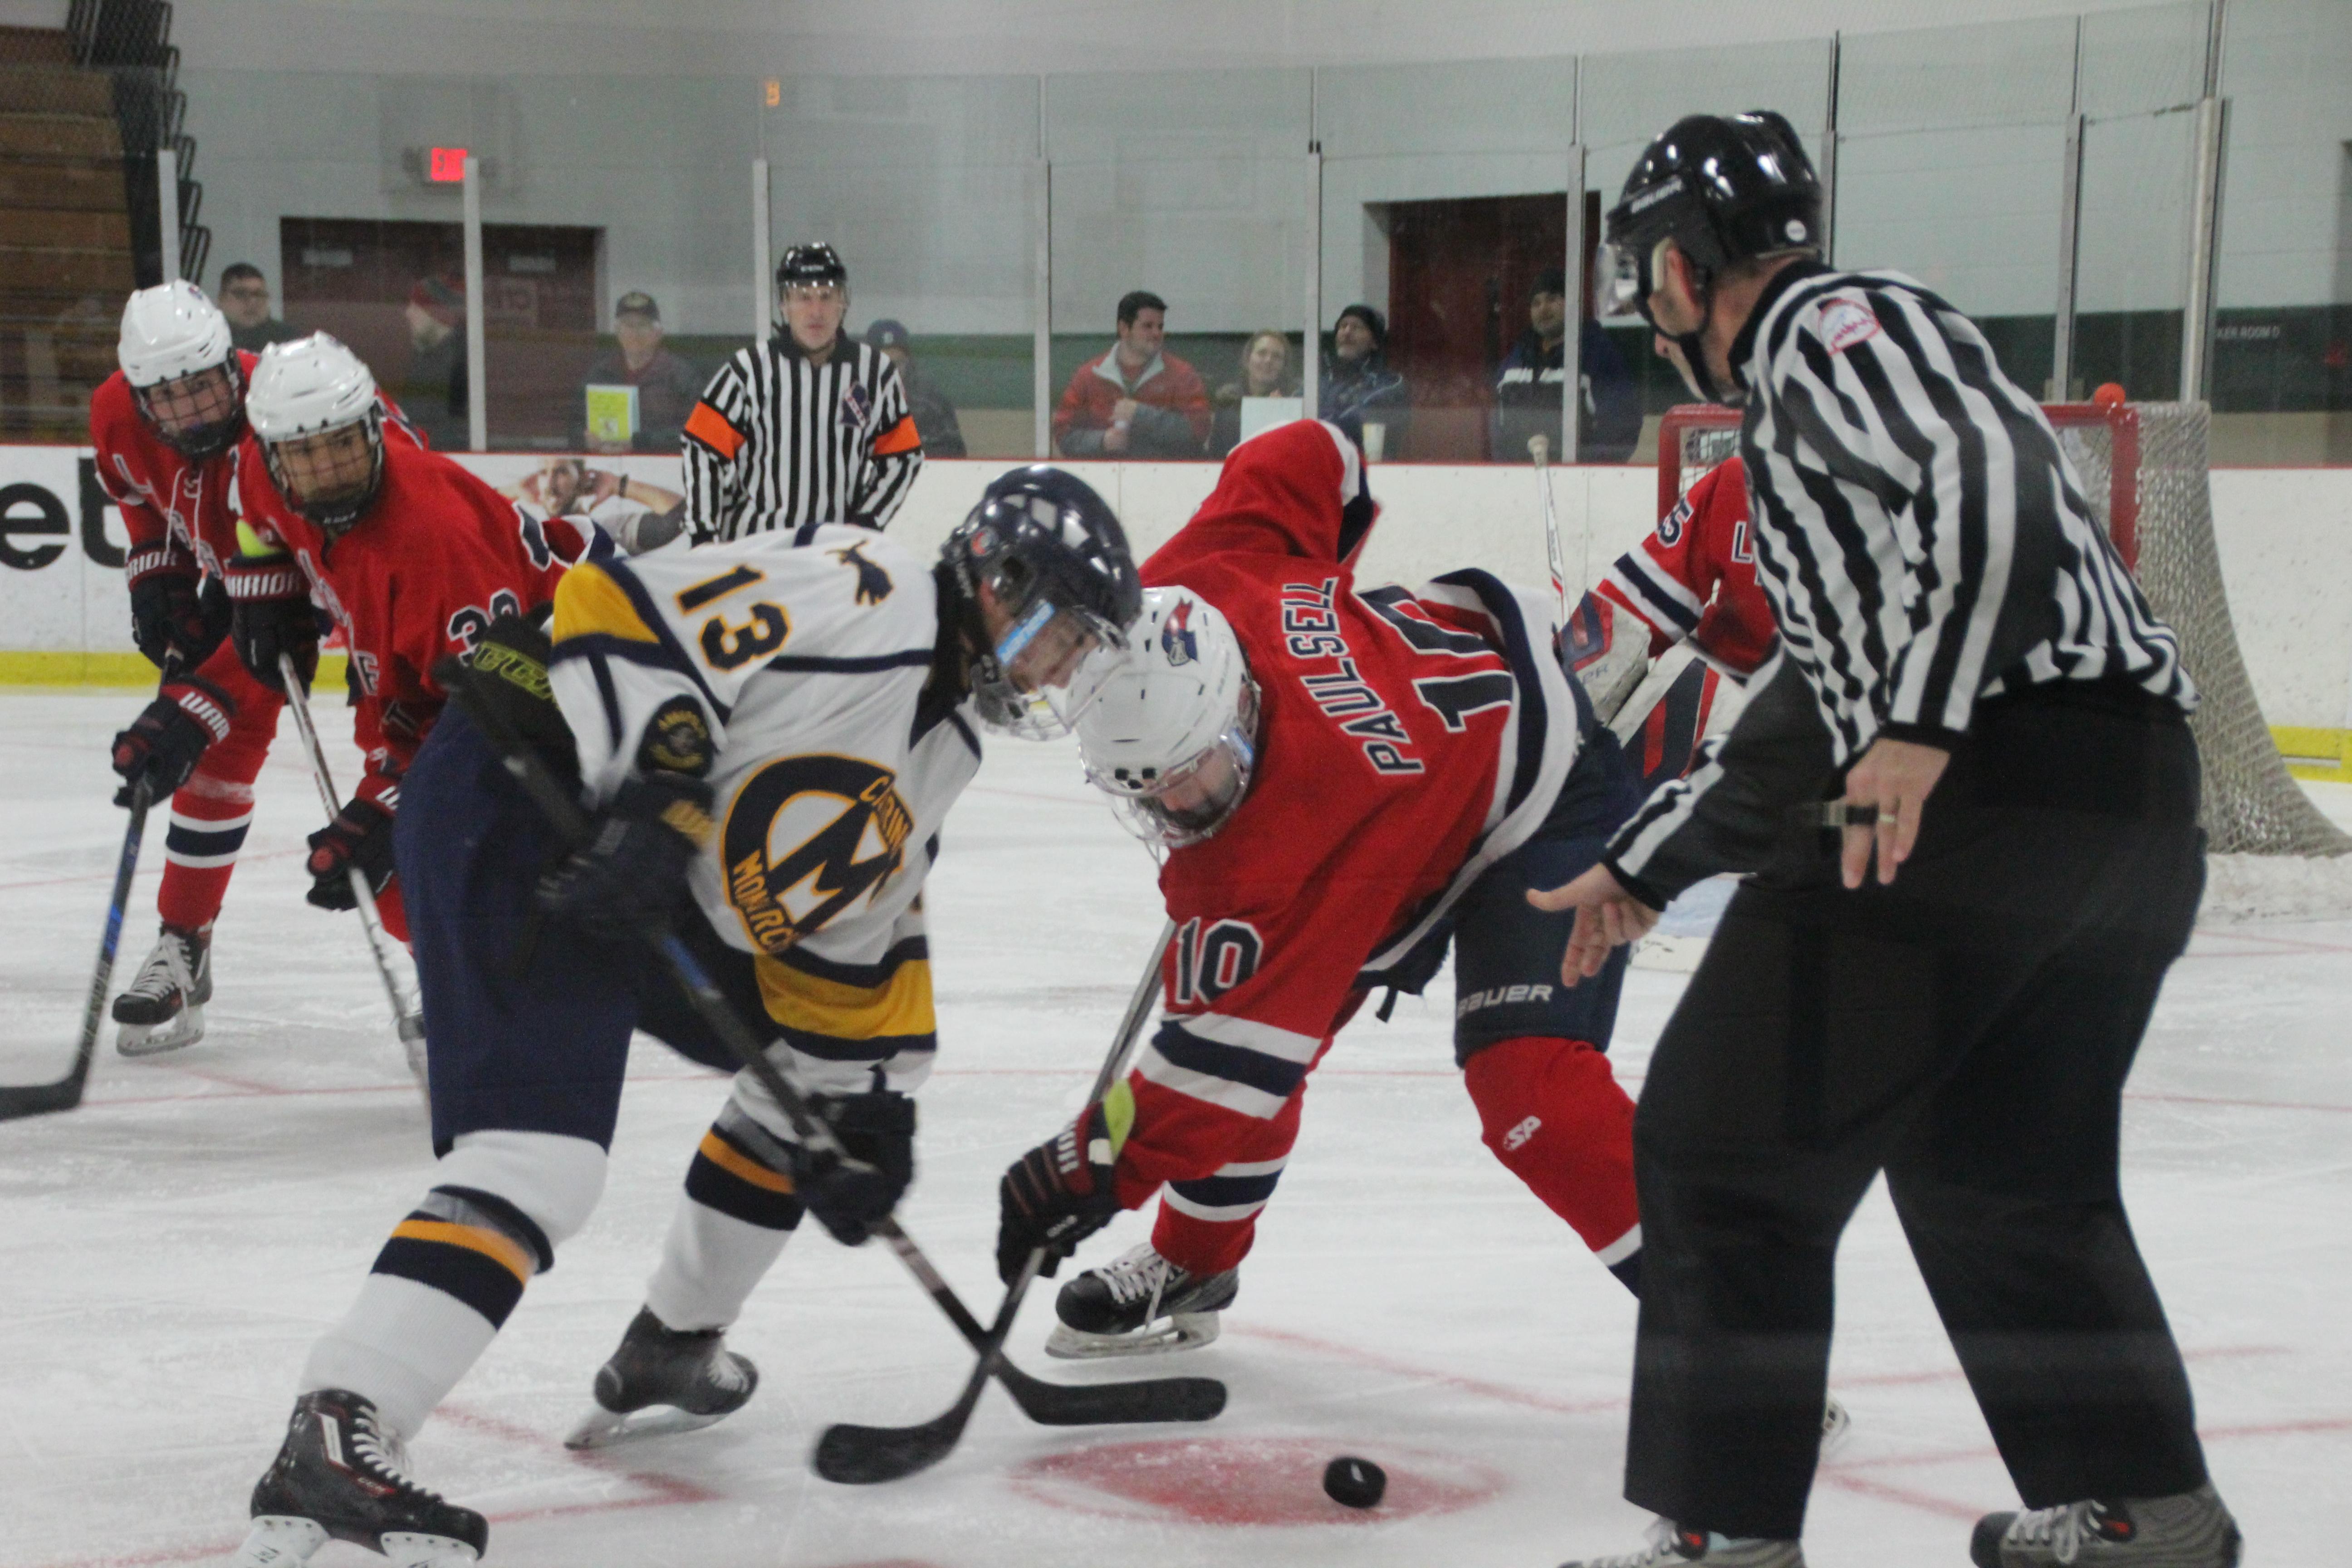 Cabrini Team Home Monarchs Sports Versity R16 Red Boys Varsity Hockey Jan 16 Chs Ice Vs University Liggett 01 13 18